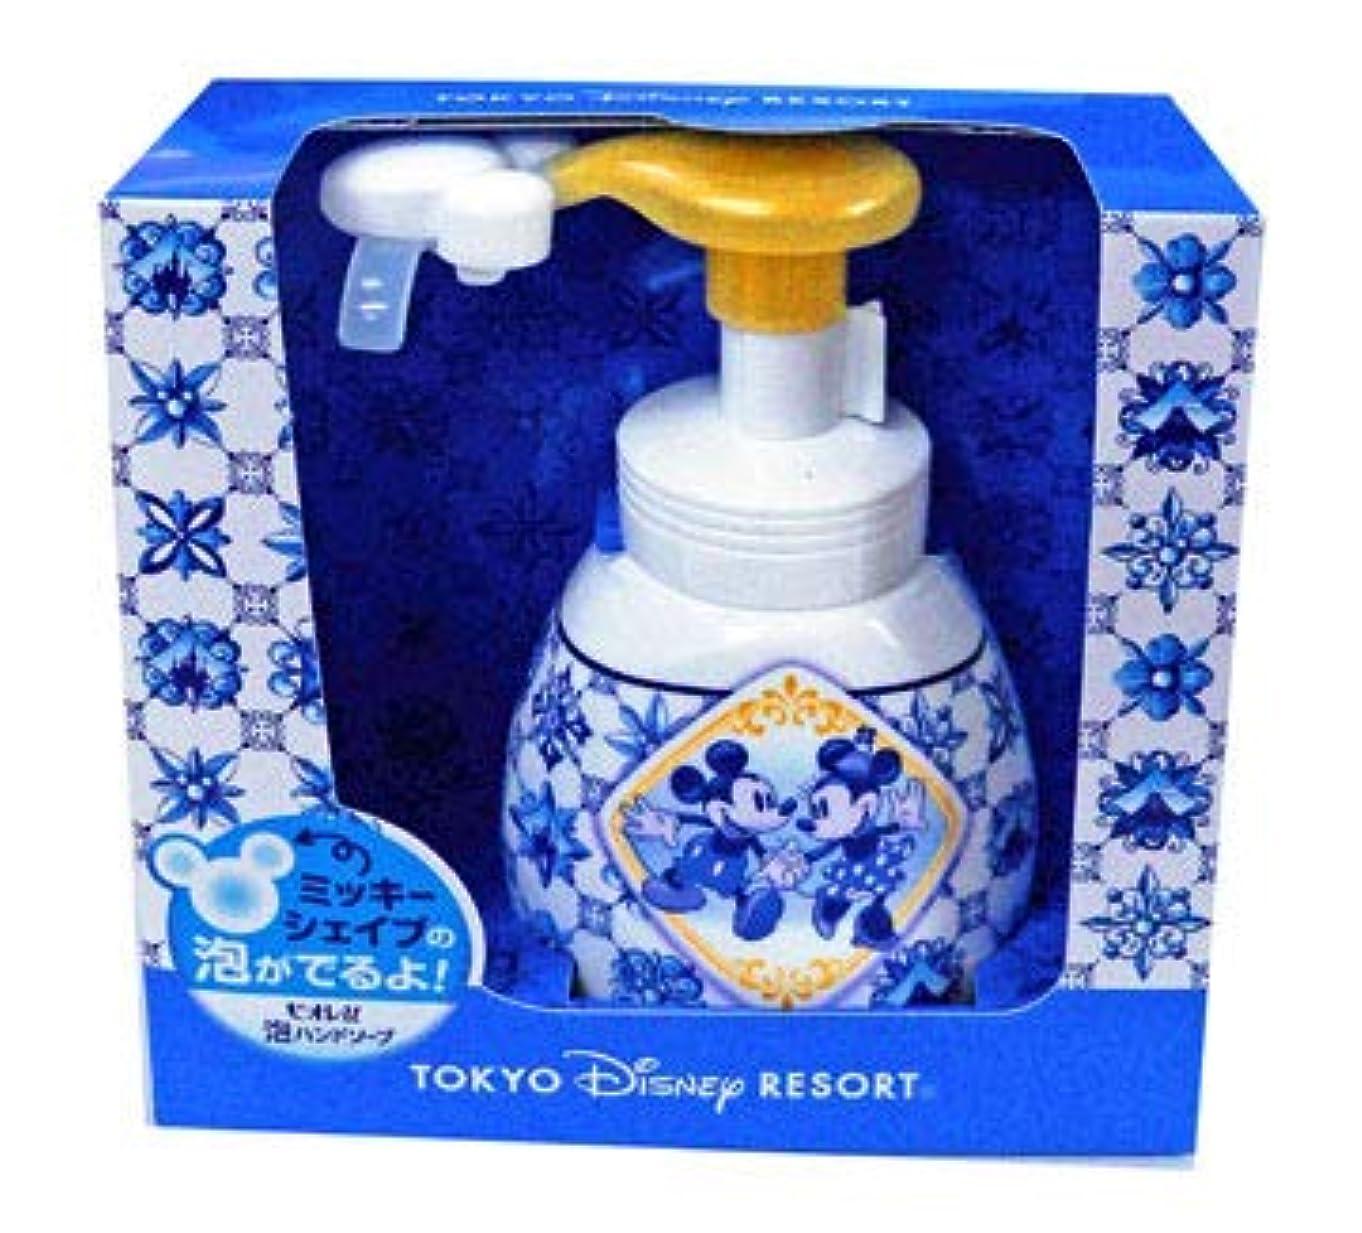 マーキング佐賀開いた泡ハンドソープ(新デザイン) 東京ディズニーリゾート ミッキーとミニー柄  おみやげ